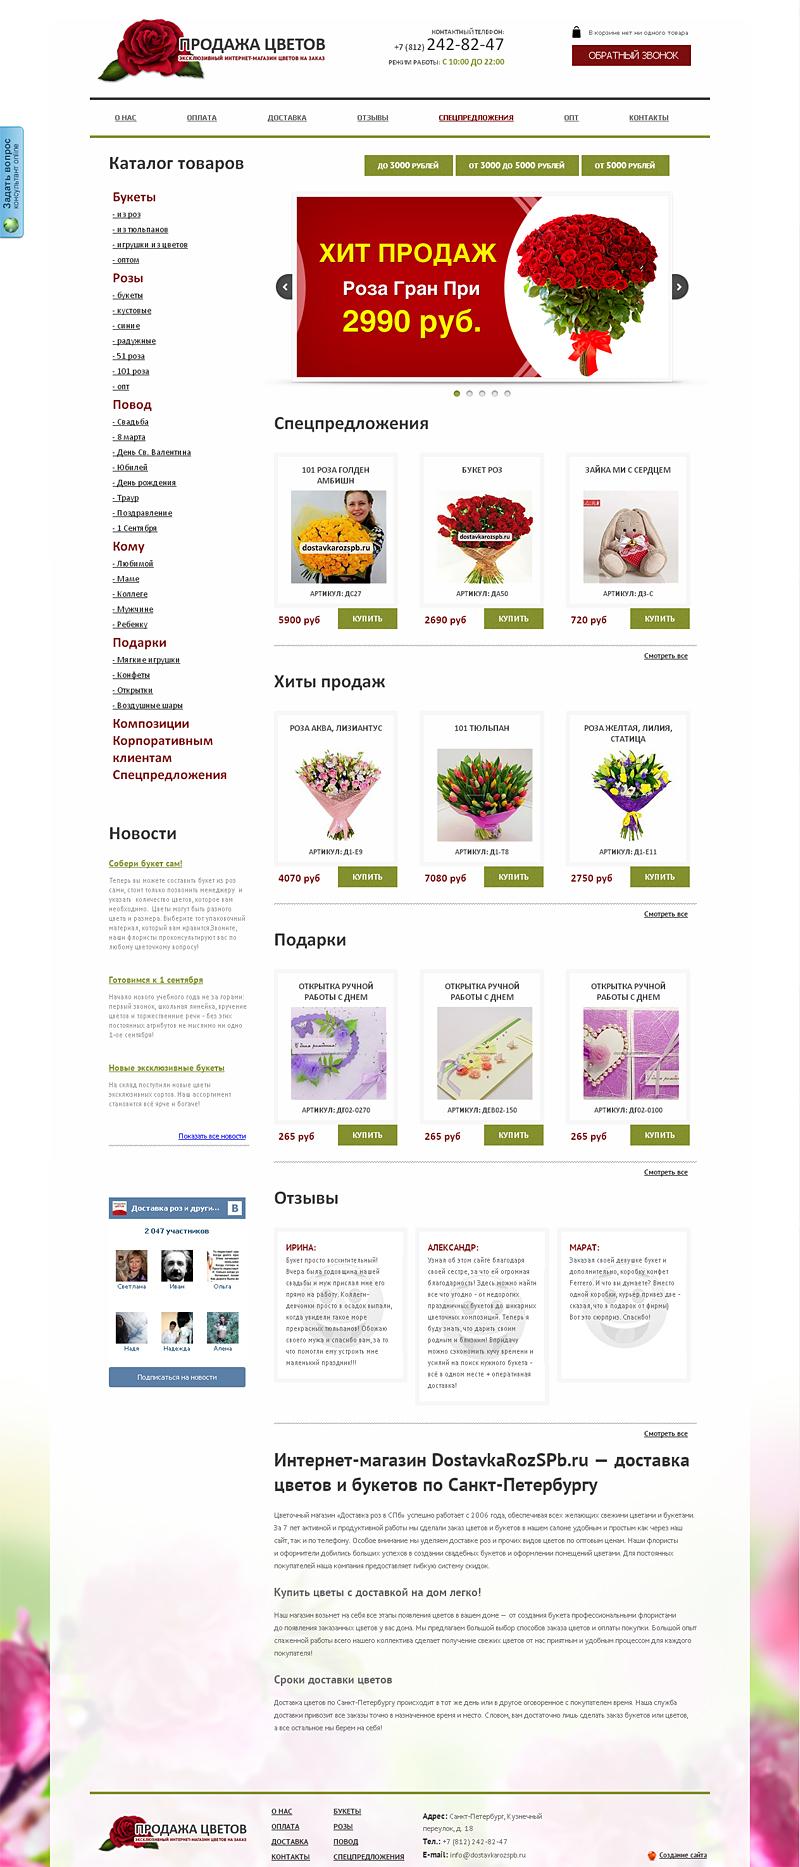 Интернет продвижение сайта в г санкт петербурге new thread раскрутка сайта продвижение сайта реклама в интернете